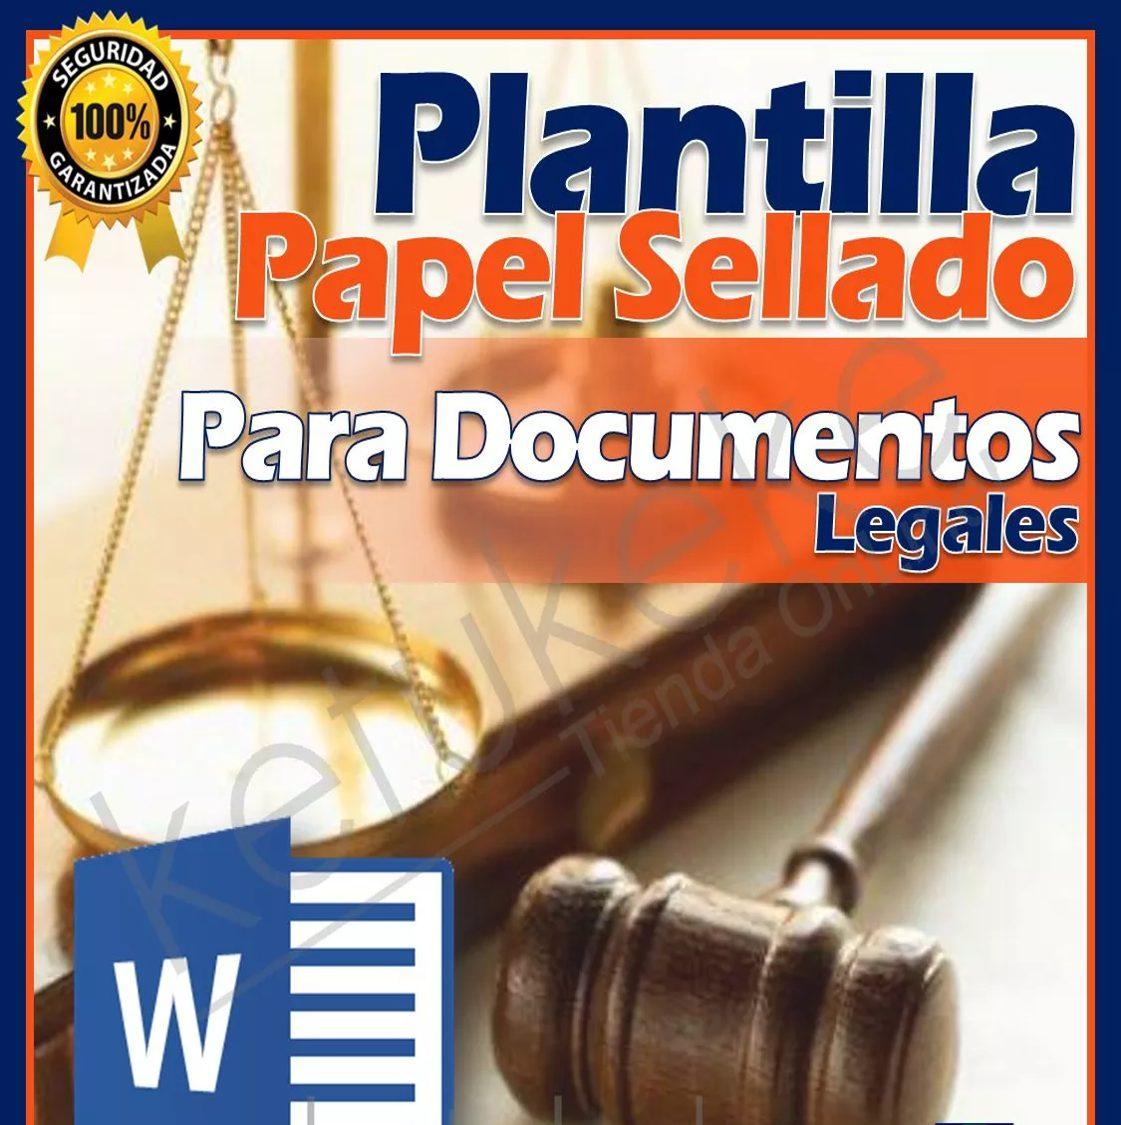 Papel Sellado Para Documentos en Mercado Libre Venezuela